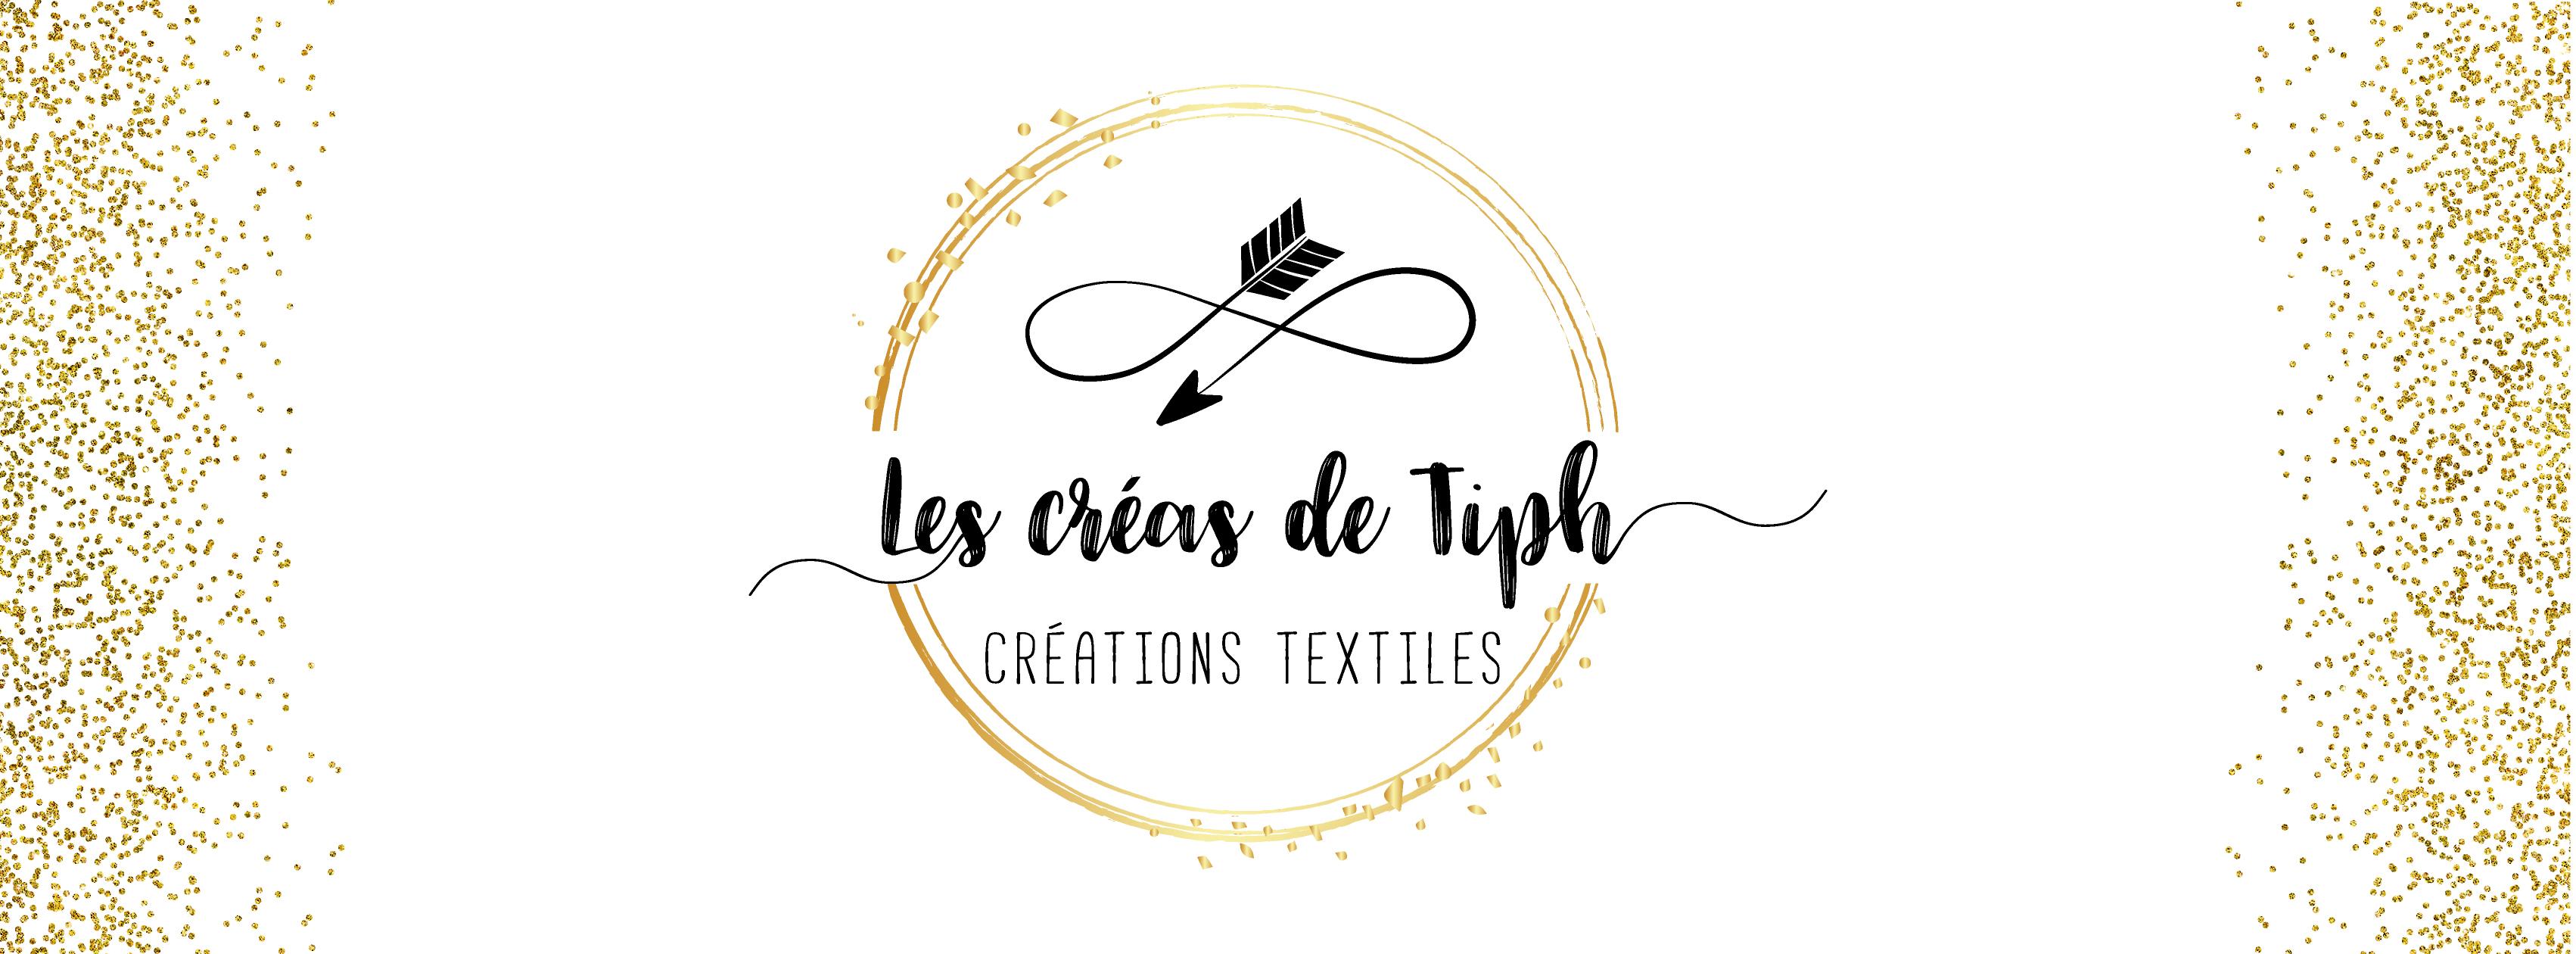 Créations textiles personnalisées